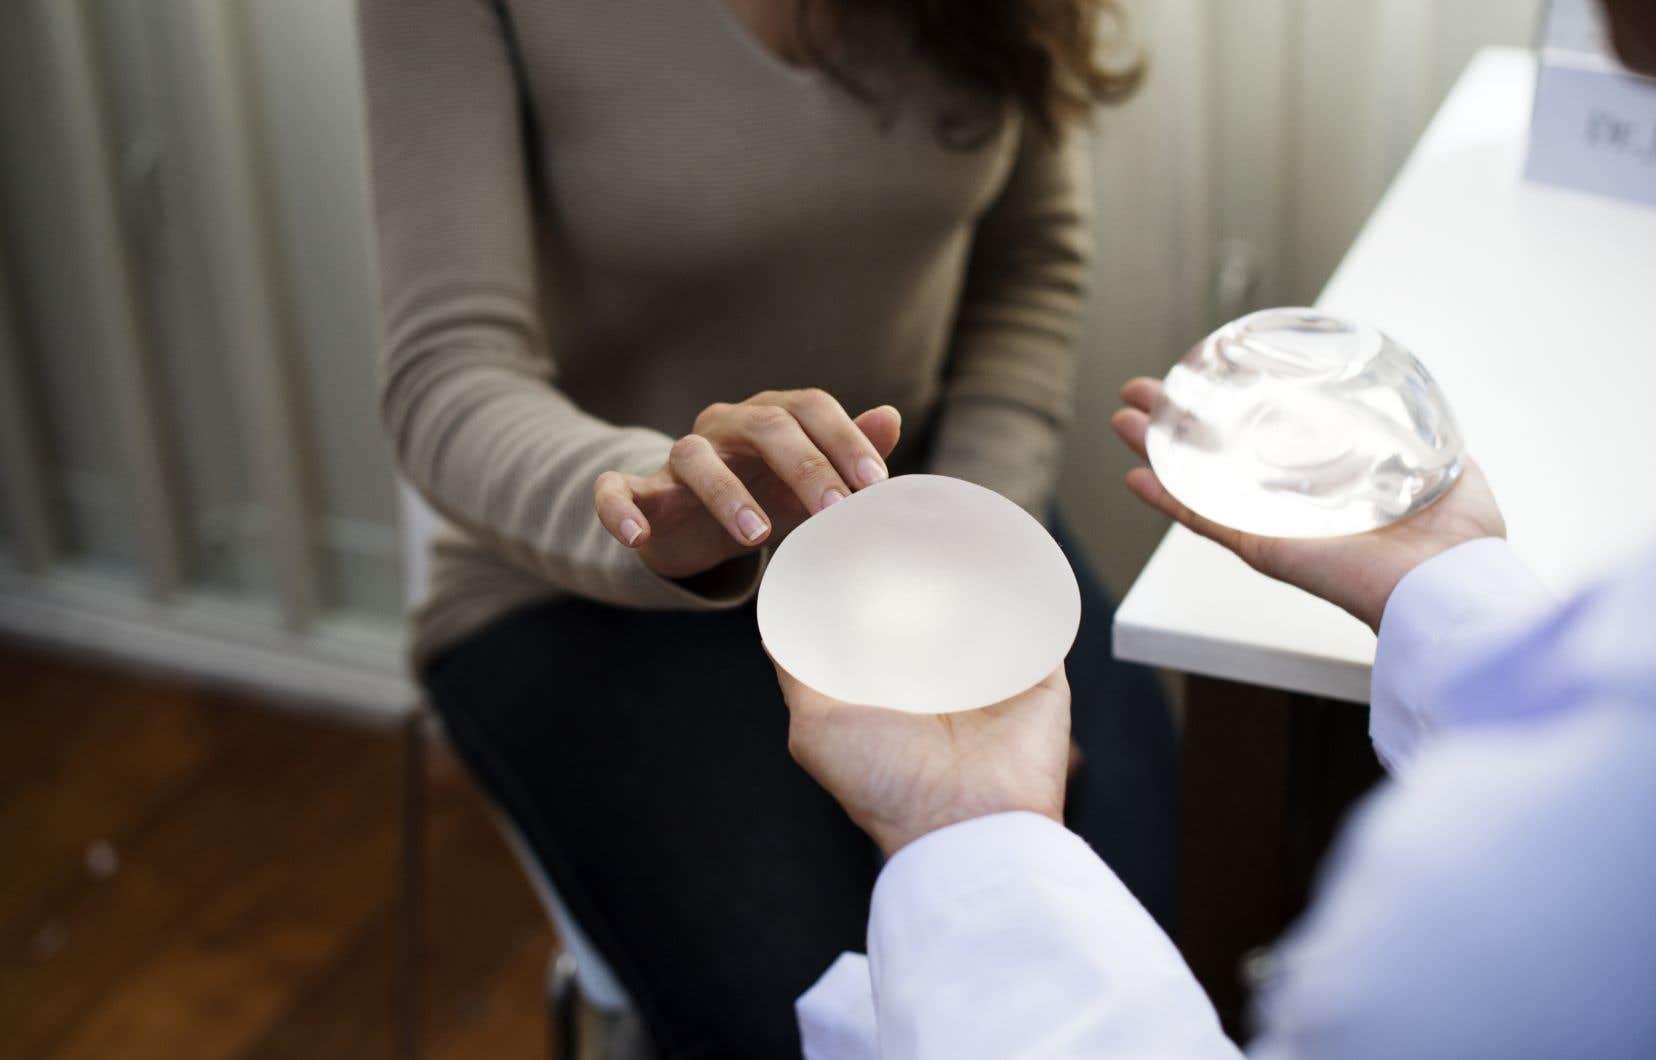 En France, l'Agence de sécurité du médicament et des produits de santé (ANSM) a recommandé en novembre aux chirurgiens de ne plus utiliser les implants mammaires texturés.